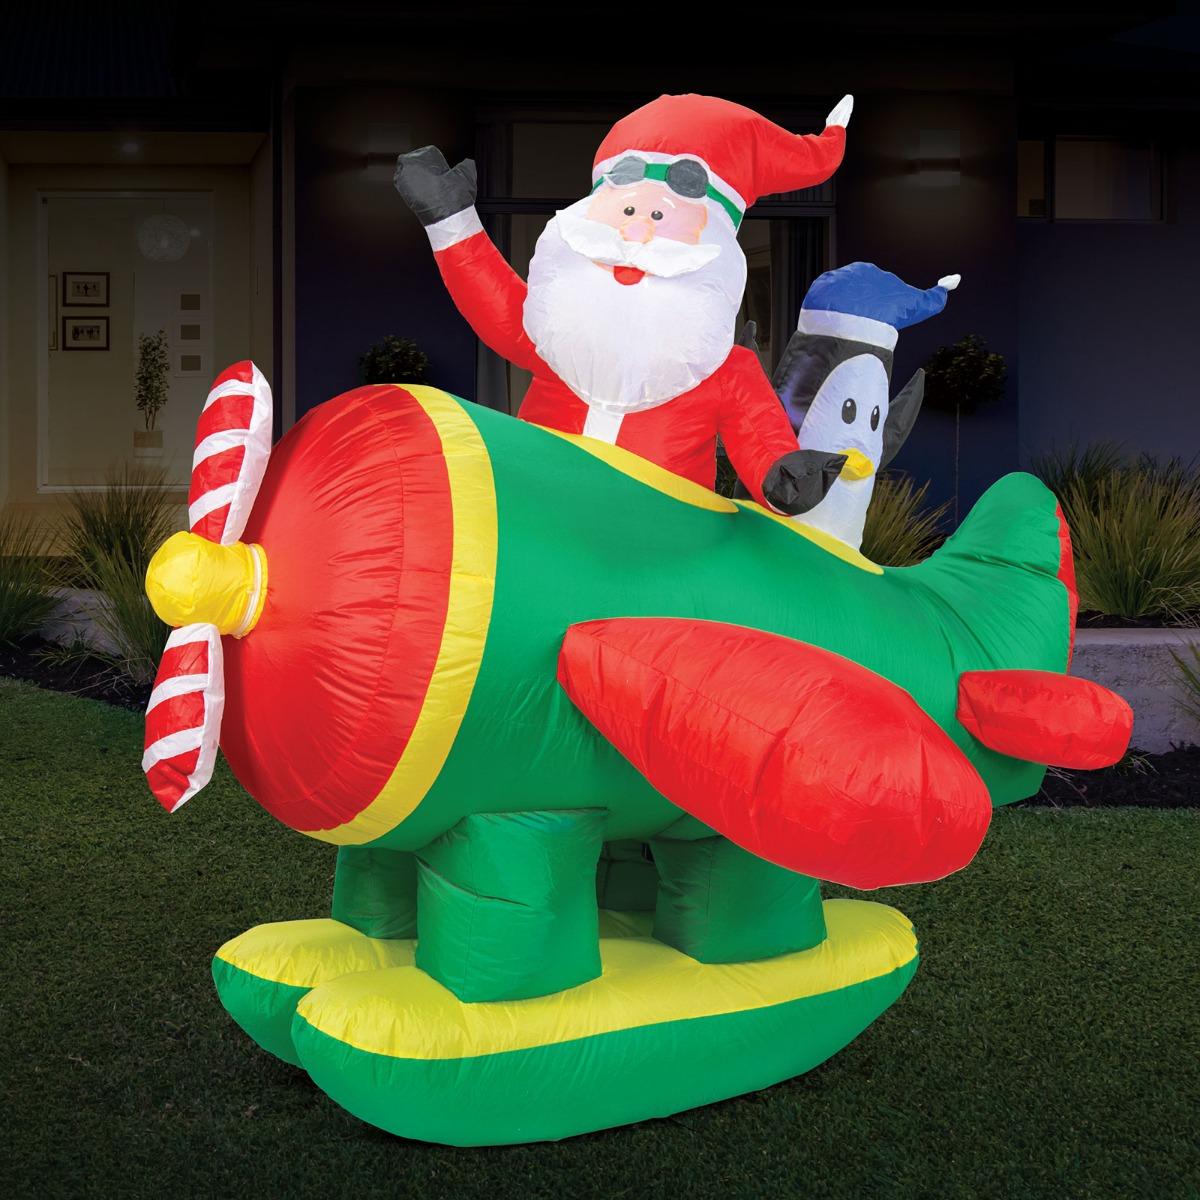 Christmas Lights Christmas Decorations Seaplane & Penguin Inflatable Décor 1.6m